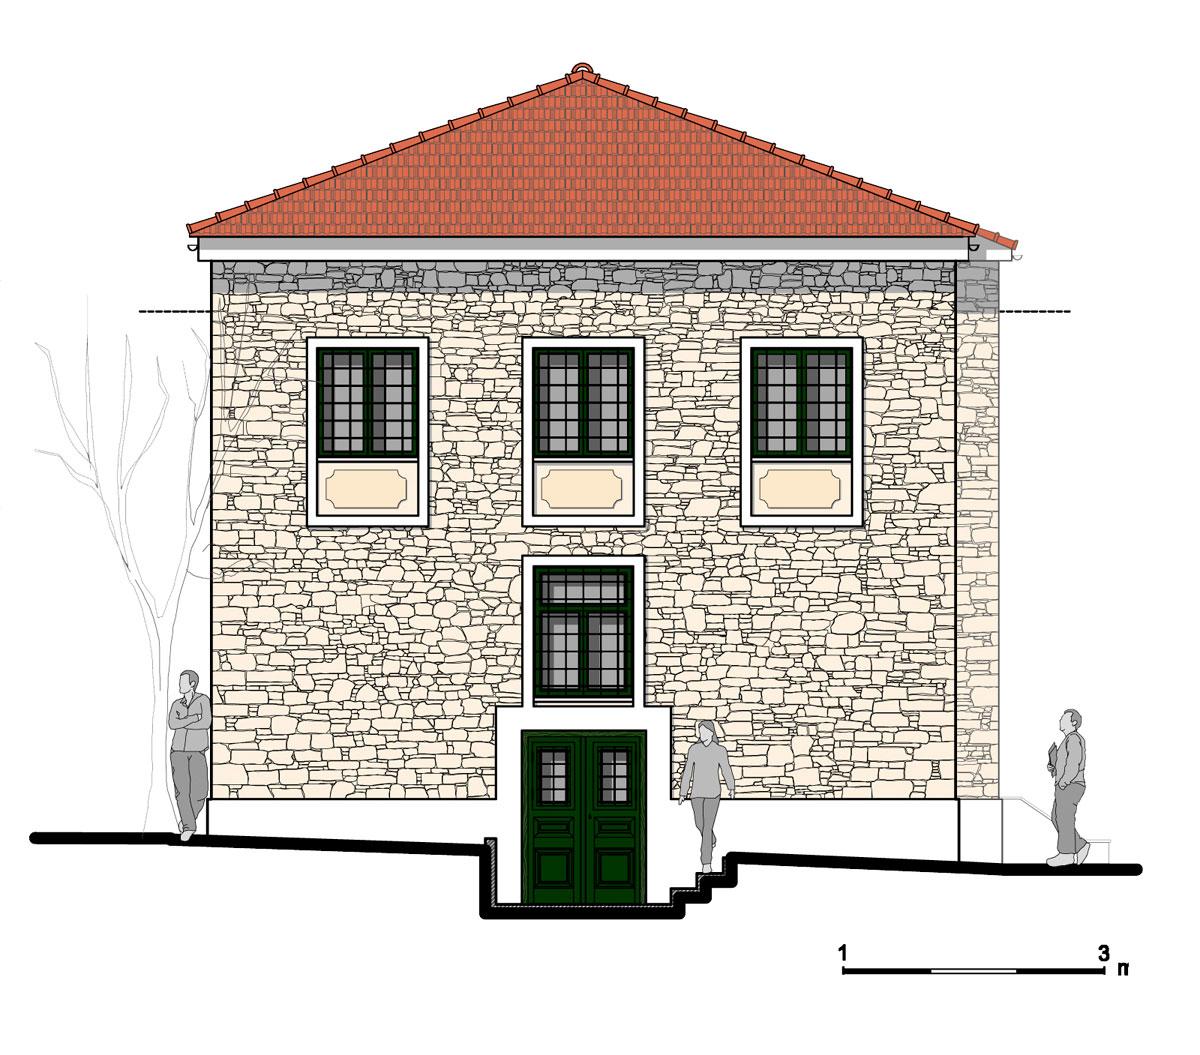 Εικ. 26. Η δυτική όψη της οικίας. Πρόταση. (Σχέδιο Θ. Μακρή-Σκοτινιώτη)